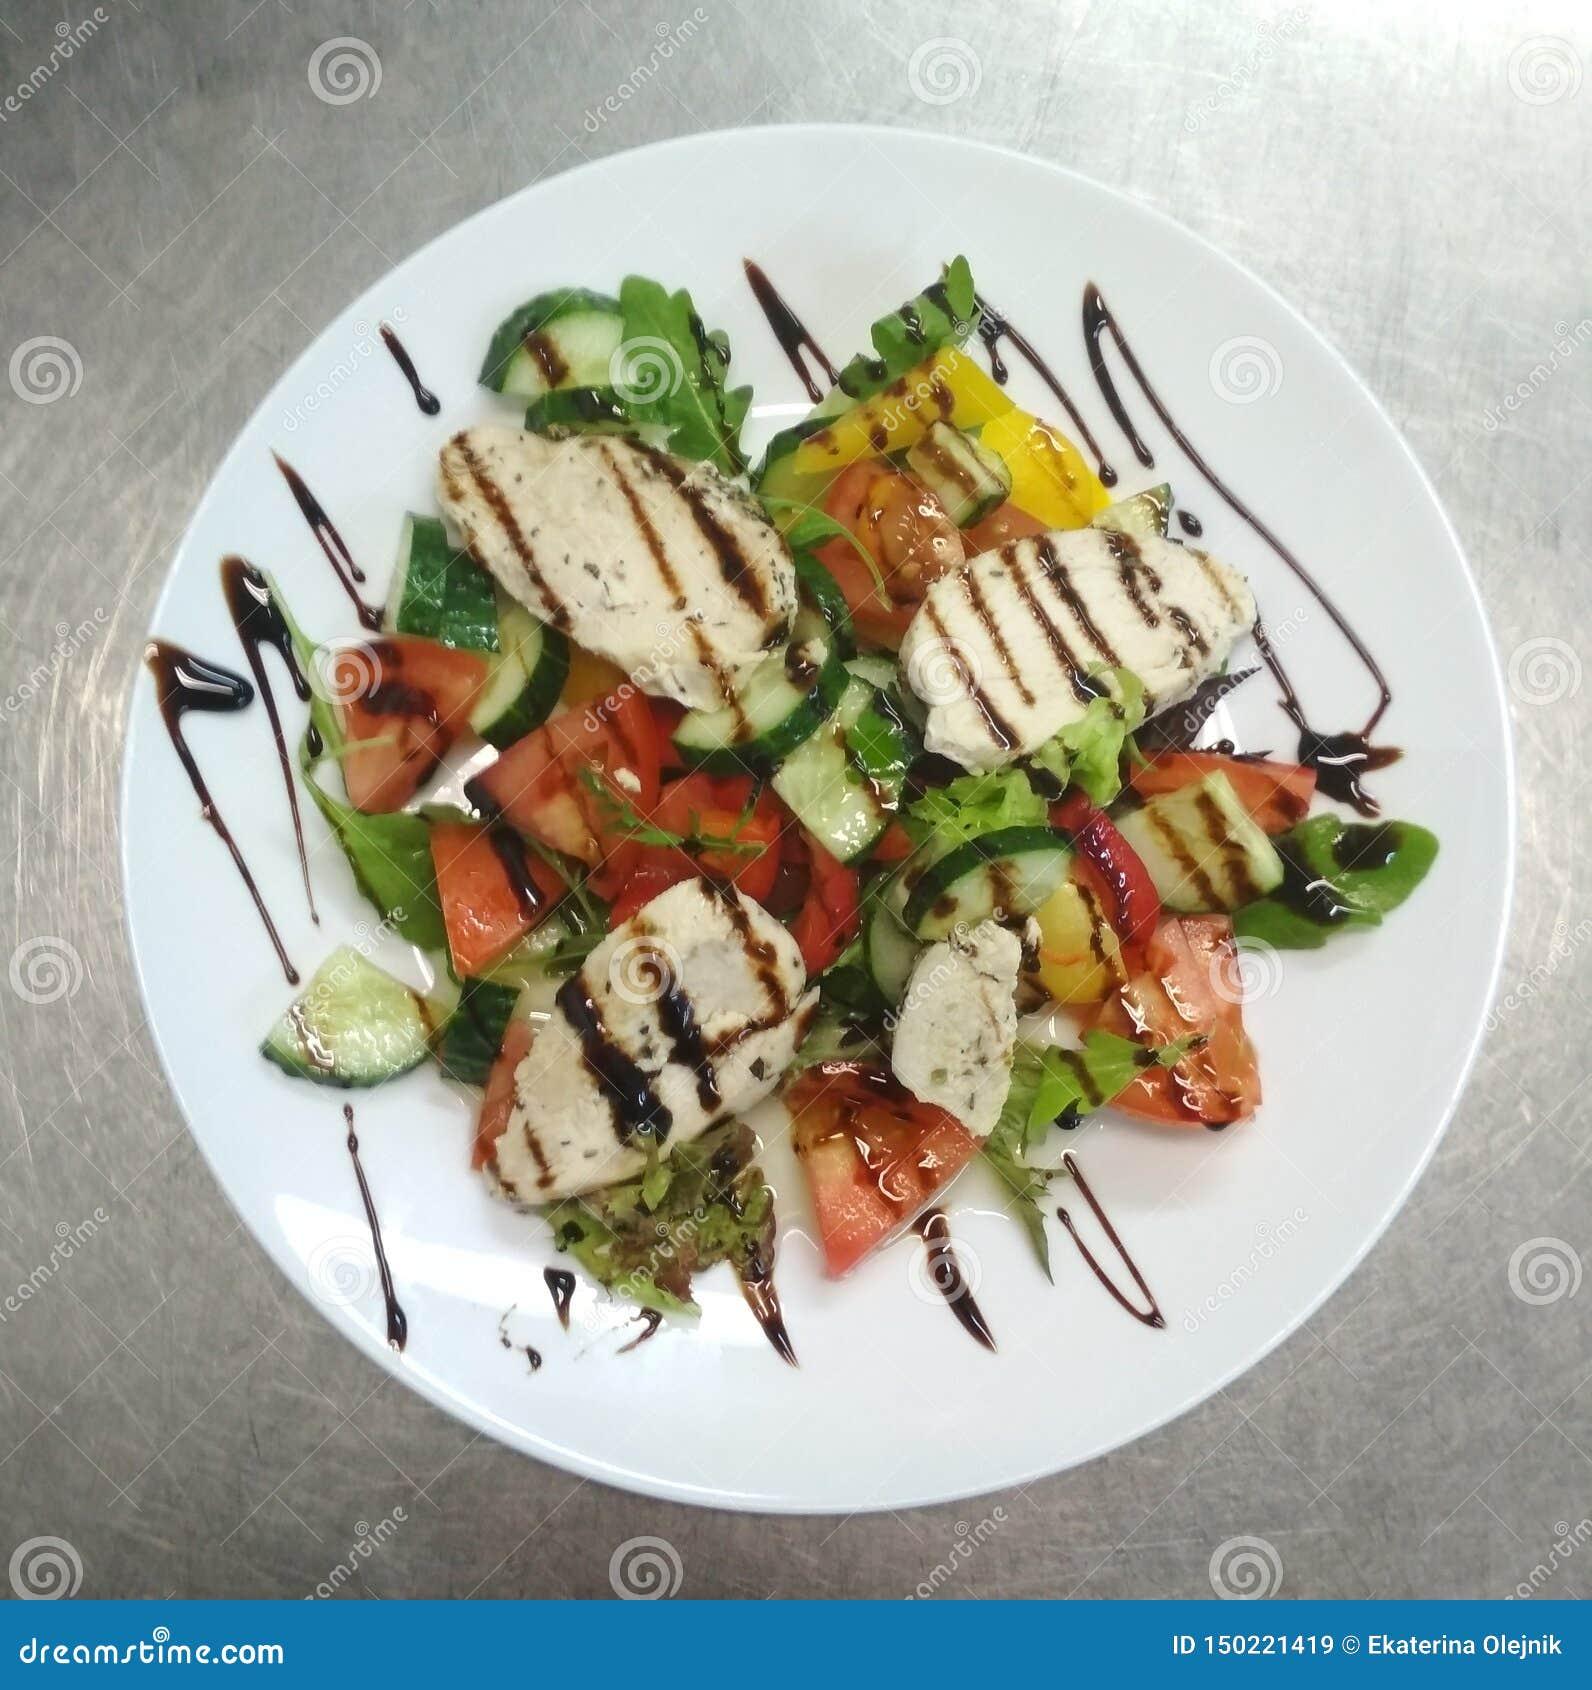 Salada com carne, tomates, pepinos, pimenta, coentro